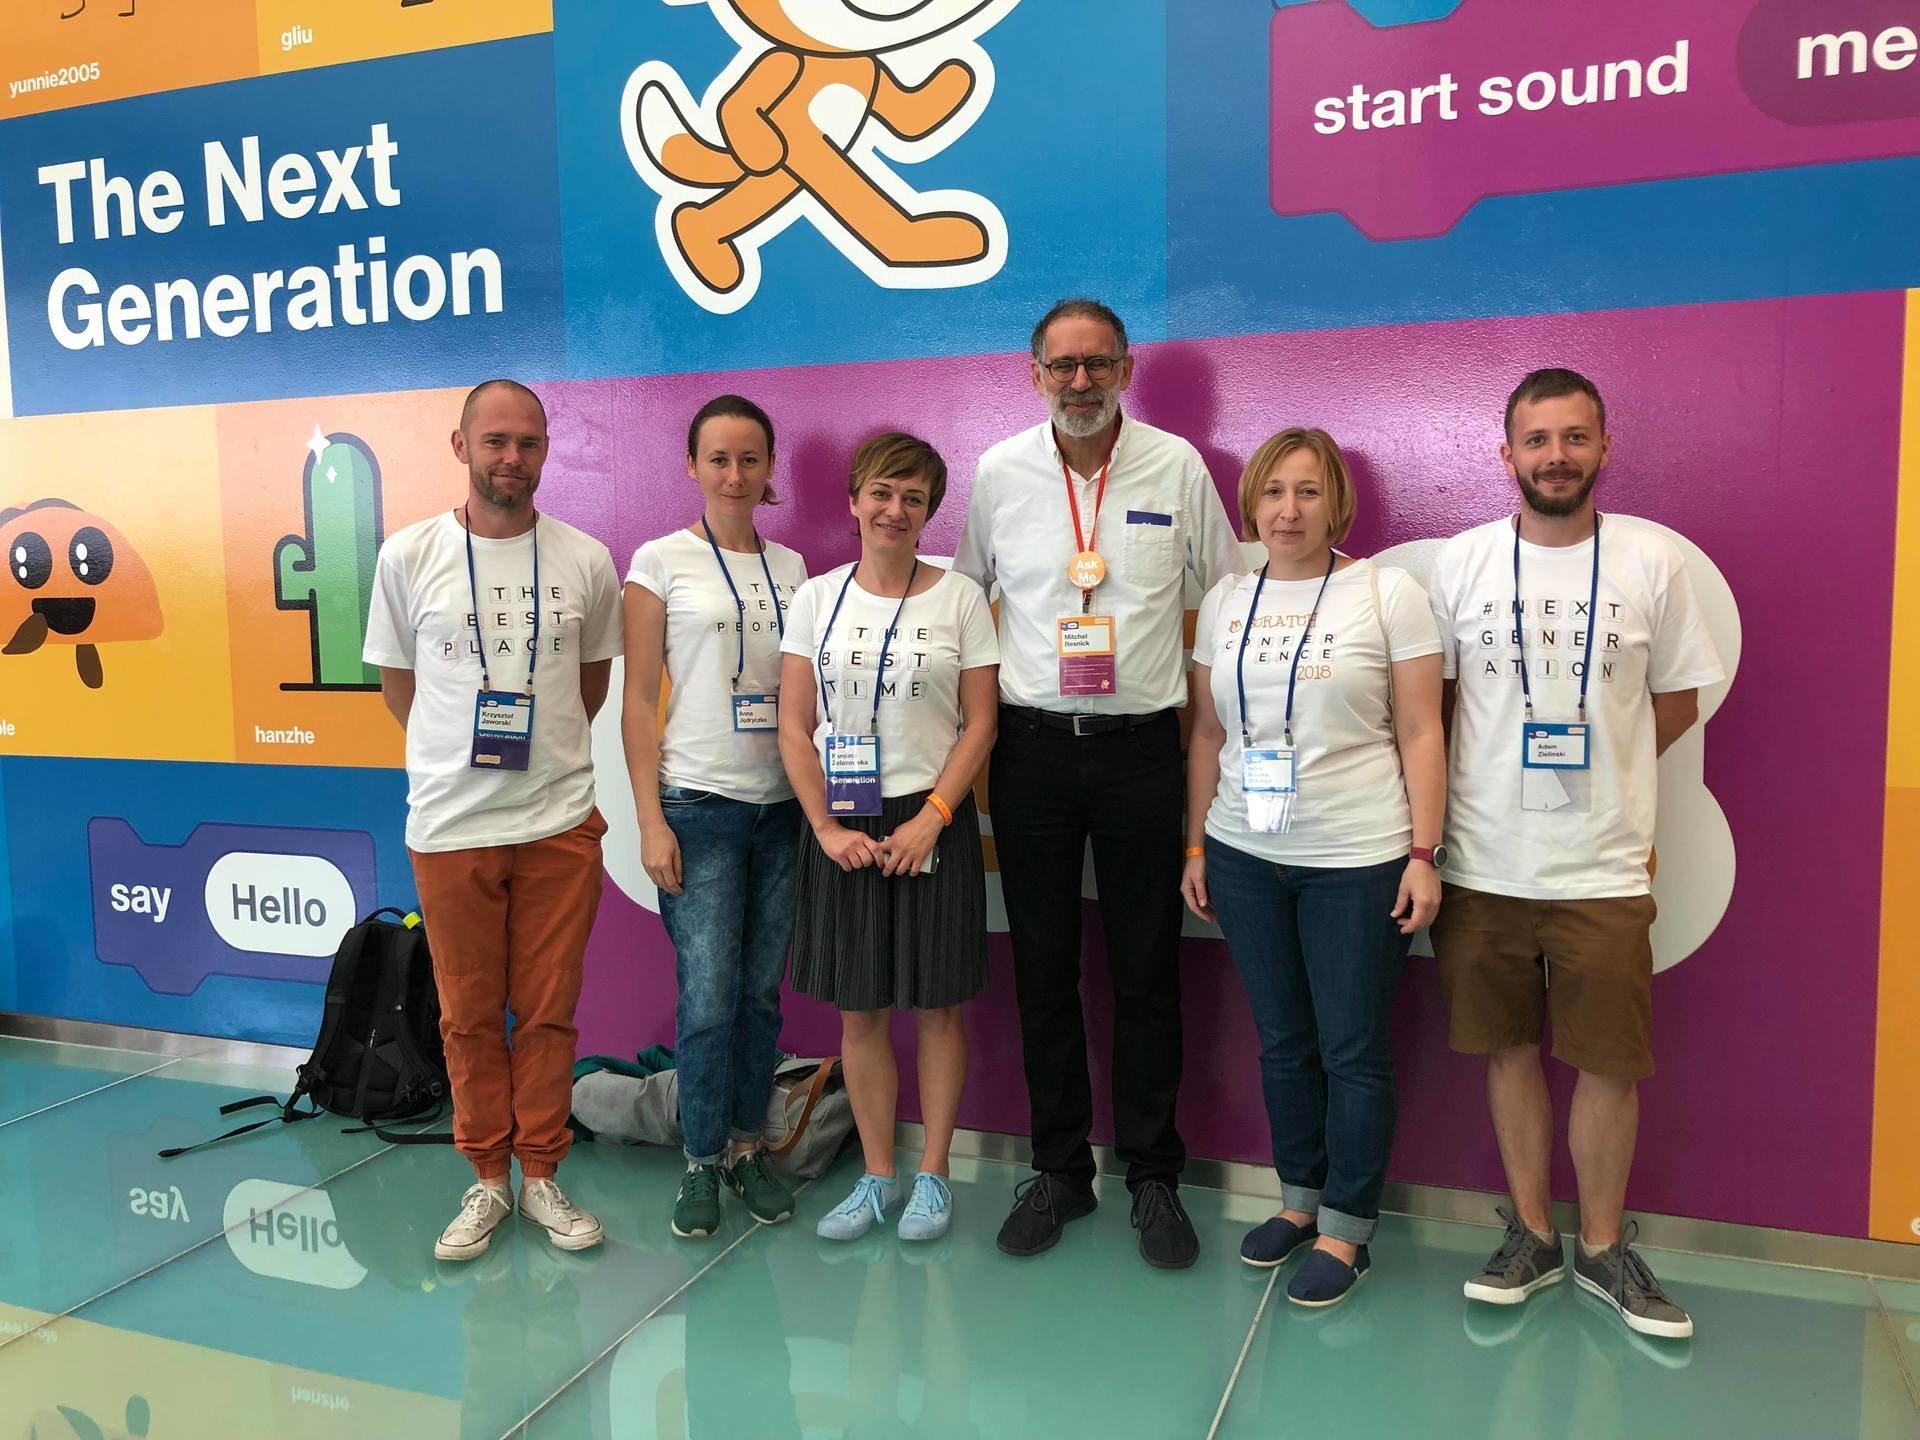 Konferencja Scratch: The Next Generation